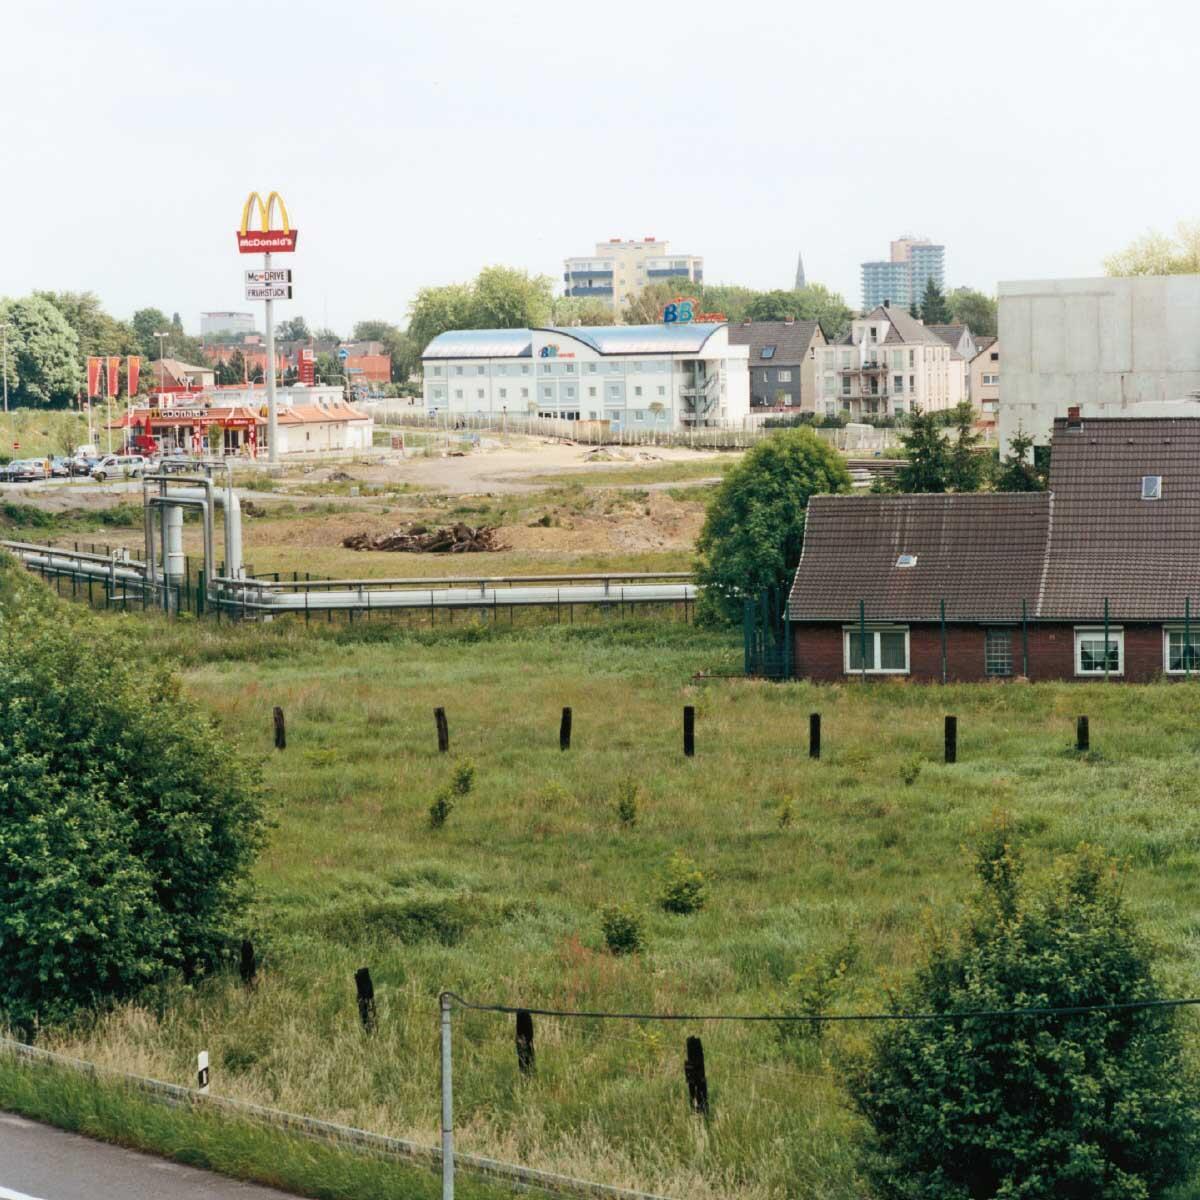 Am Rand von Herne, 2002. Bilder von Peter Liedtke aus dem Pixelprojekt Ruhrgebiet